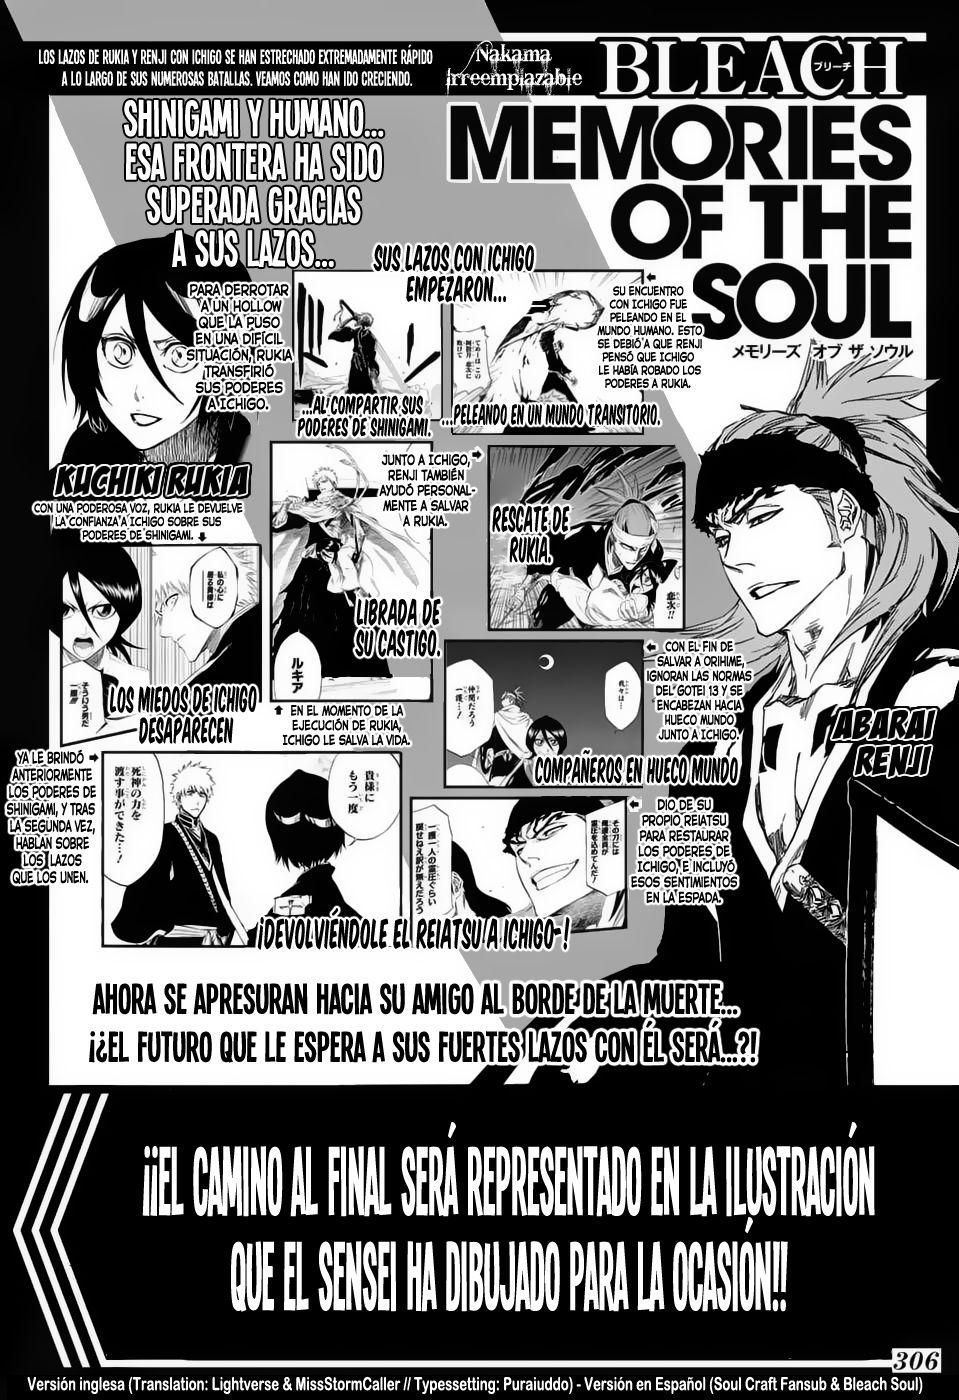 http://c5.ninemanga.com/es_manga/63/63/487960/32e022064c325822c29098ff189377ef.jpg Page 2